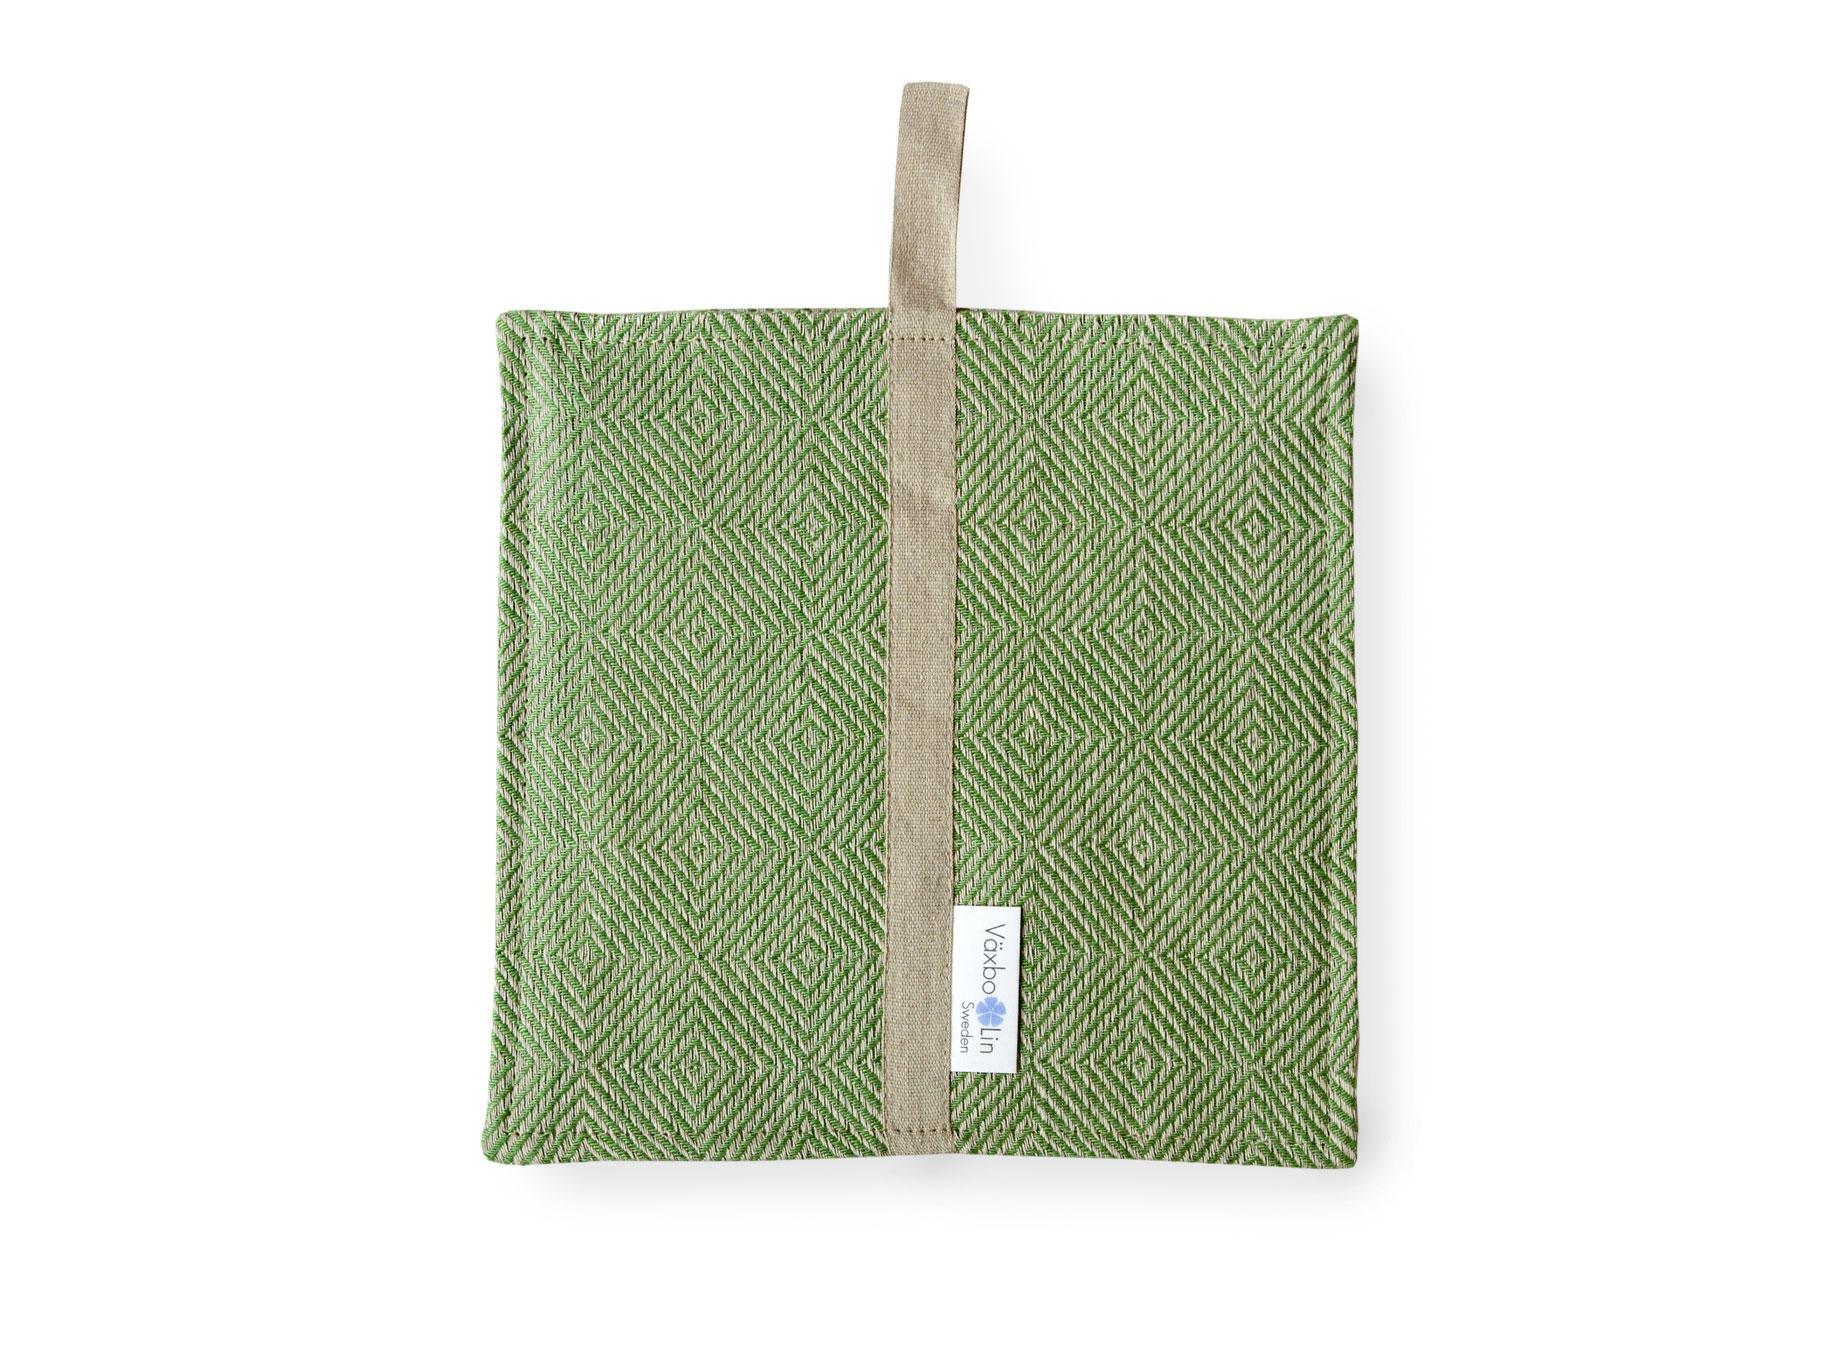 Grytlapp Bladgrön